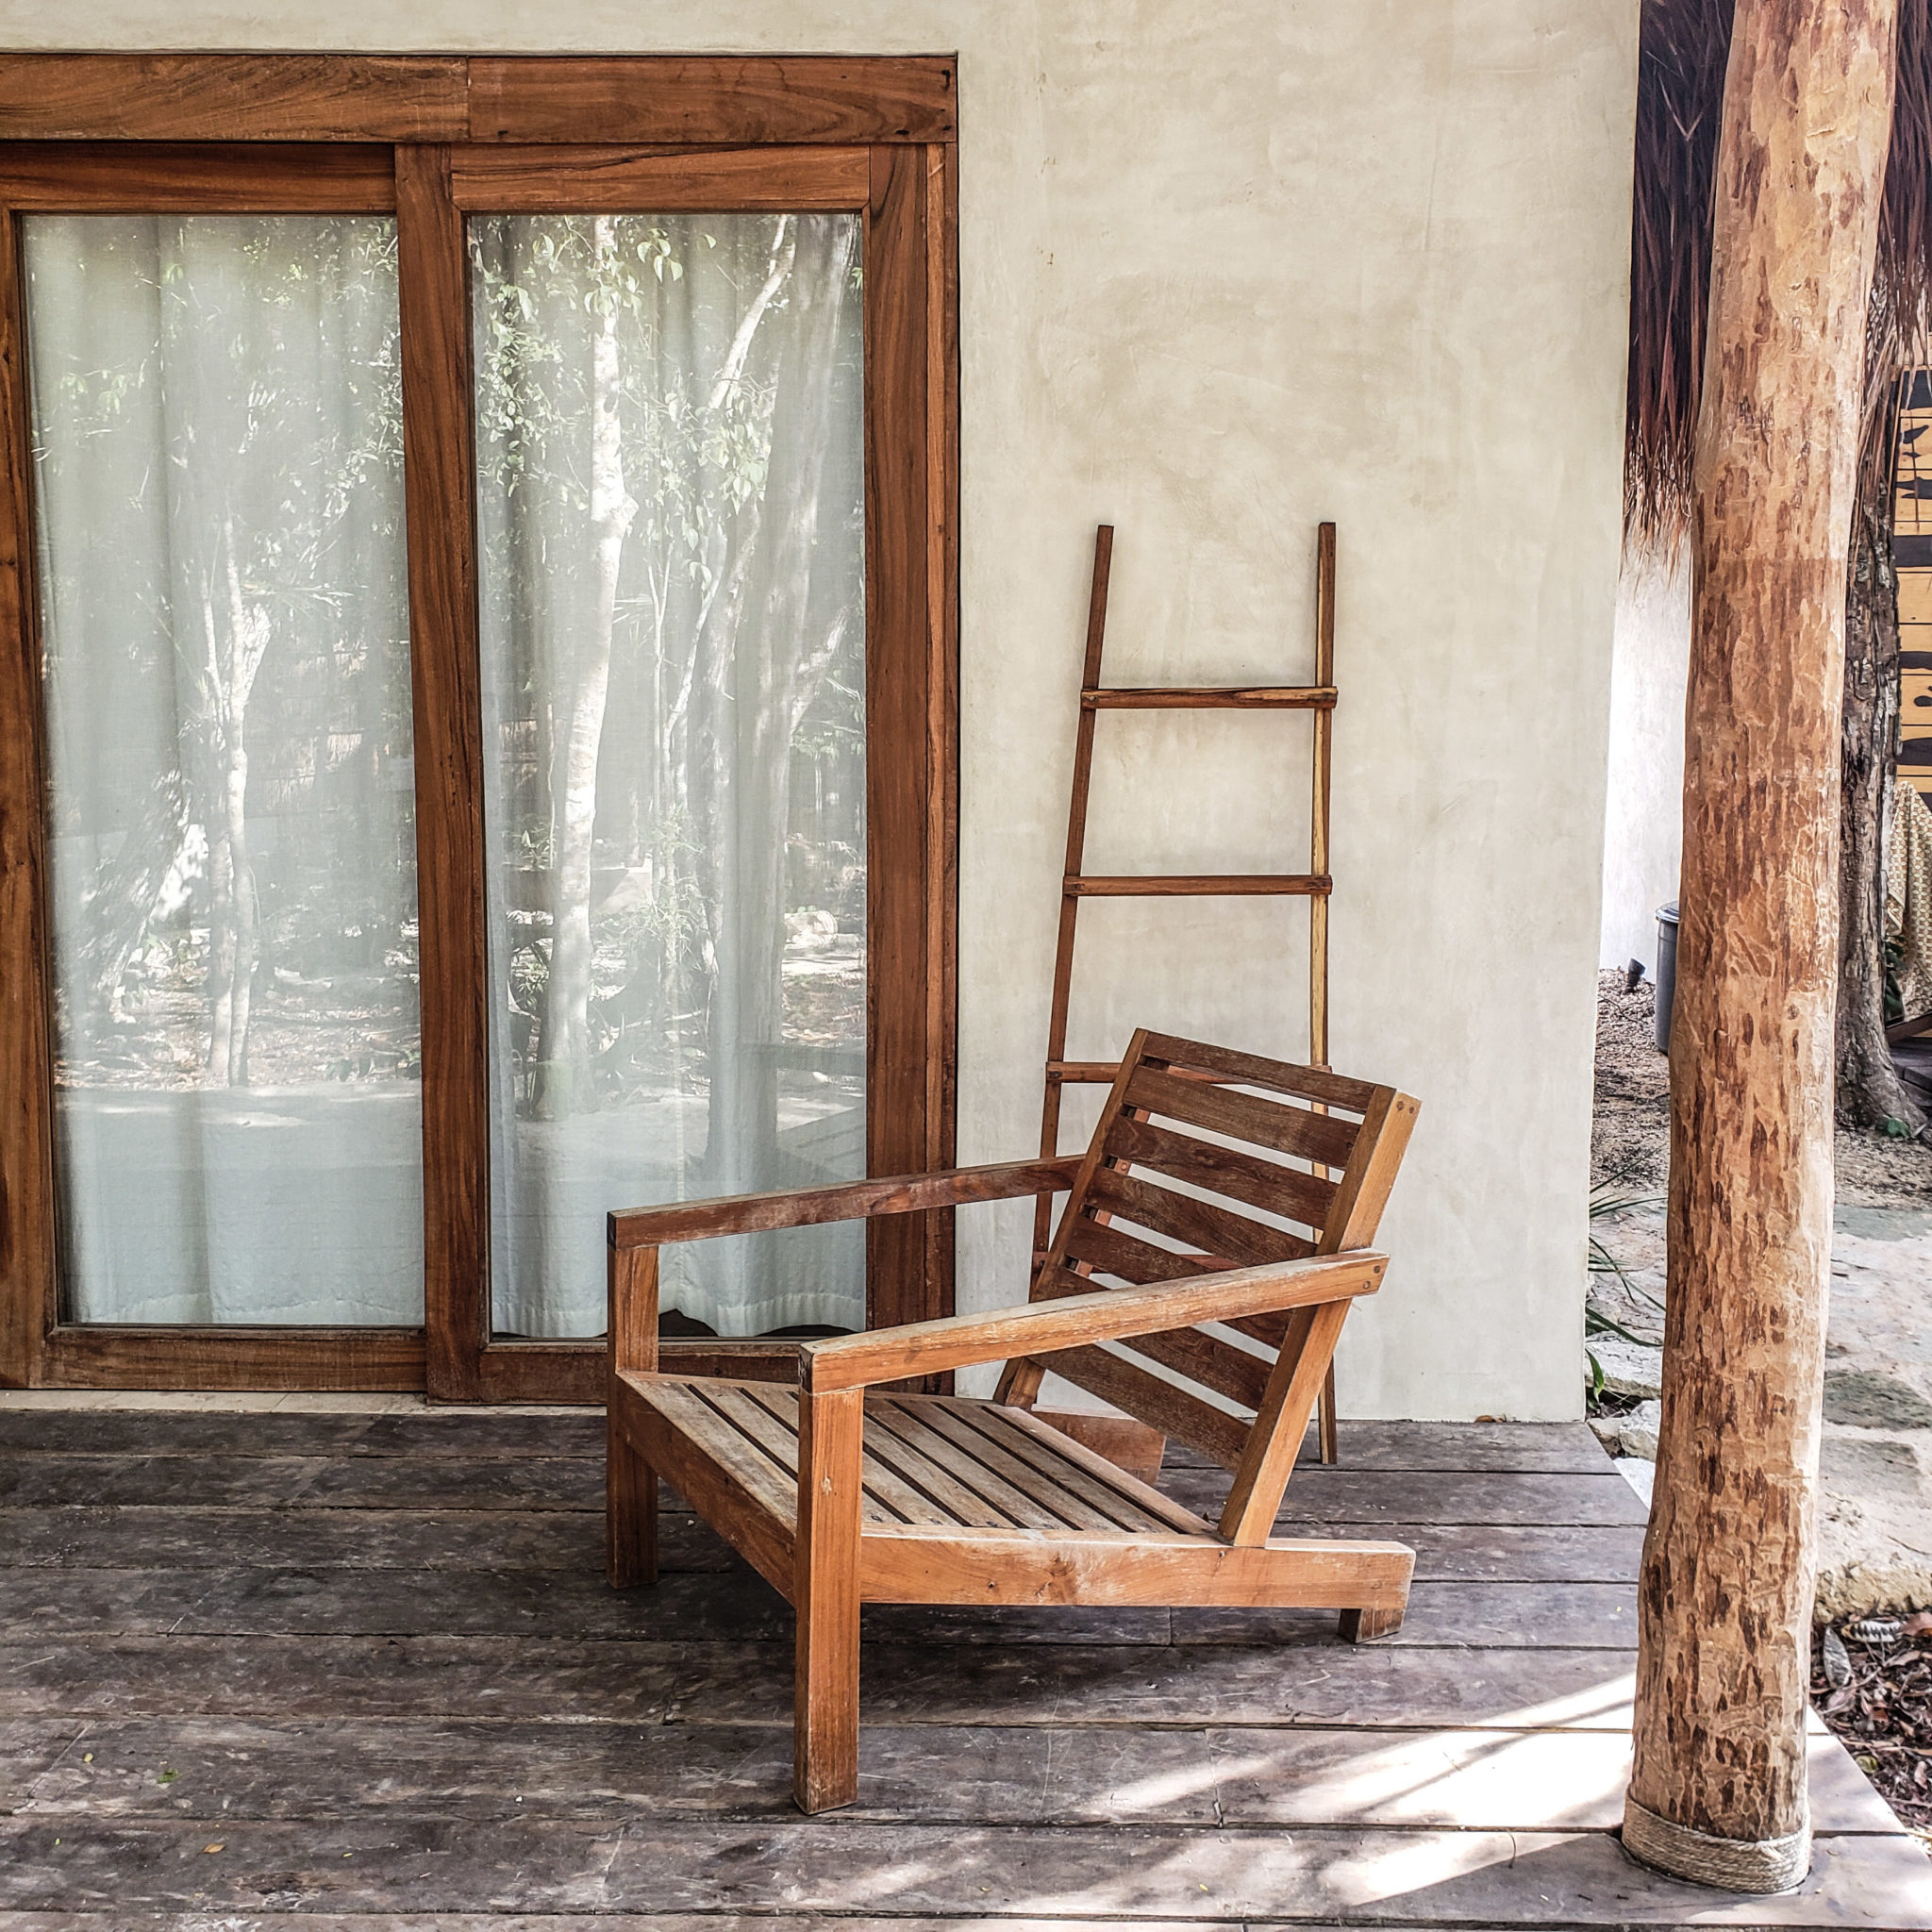 Acacia Jungle Bungalows Tulum - Exterior Sitting Area